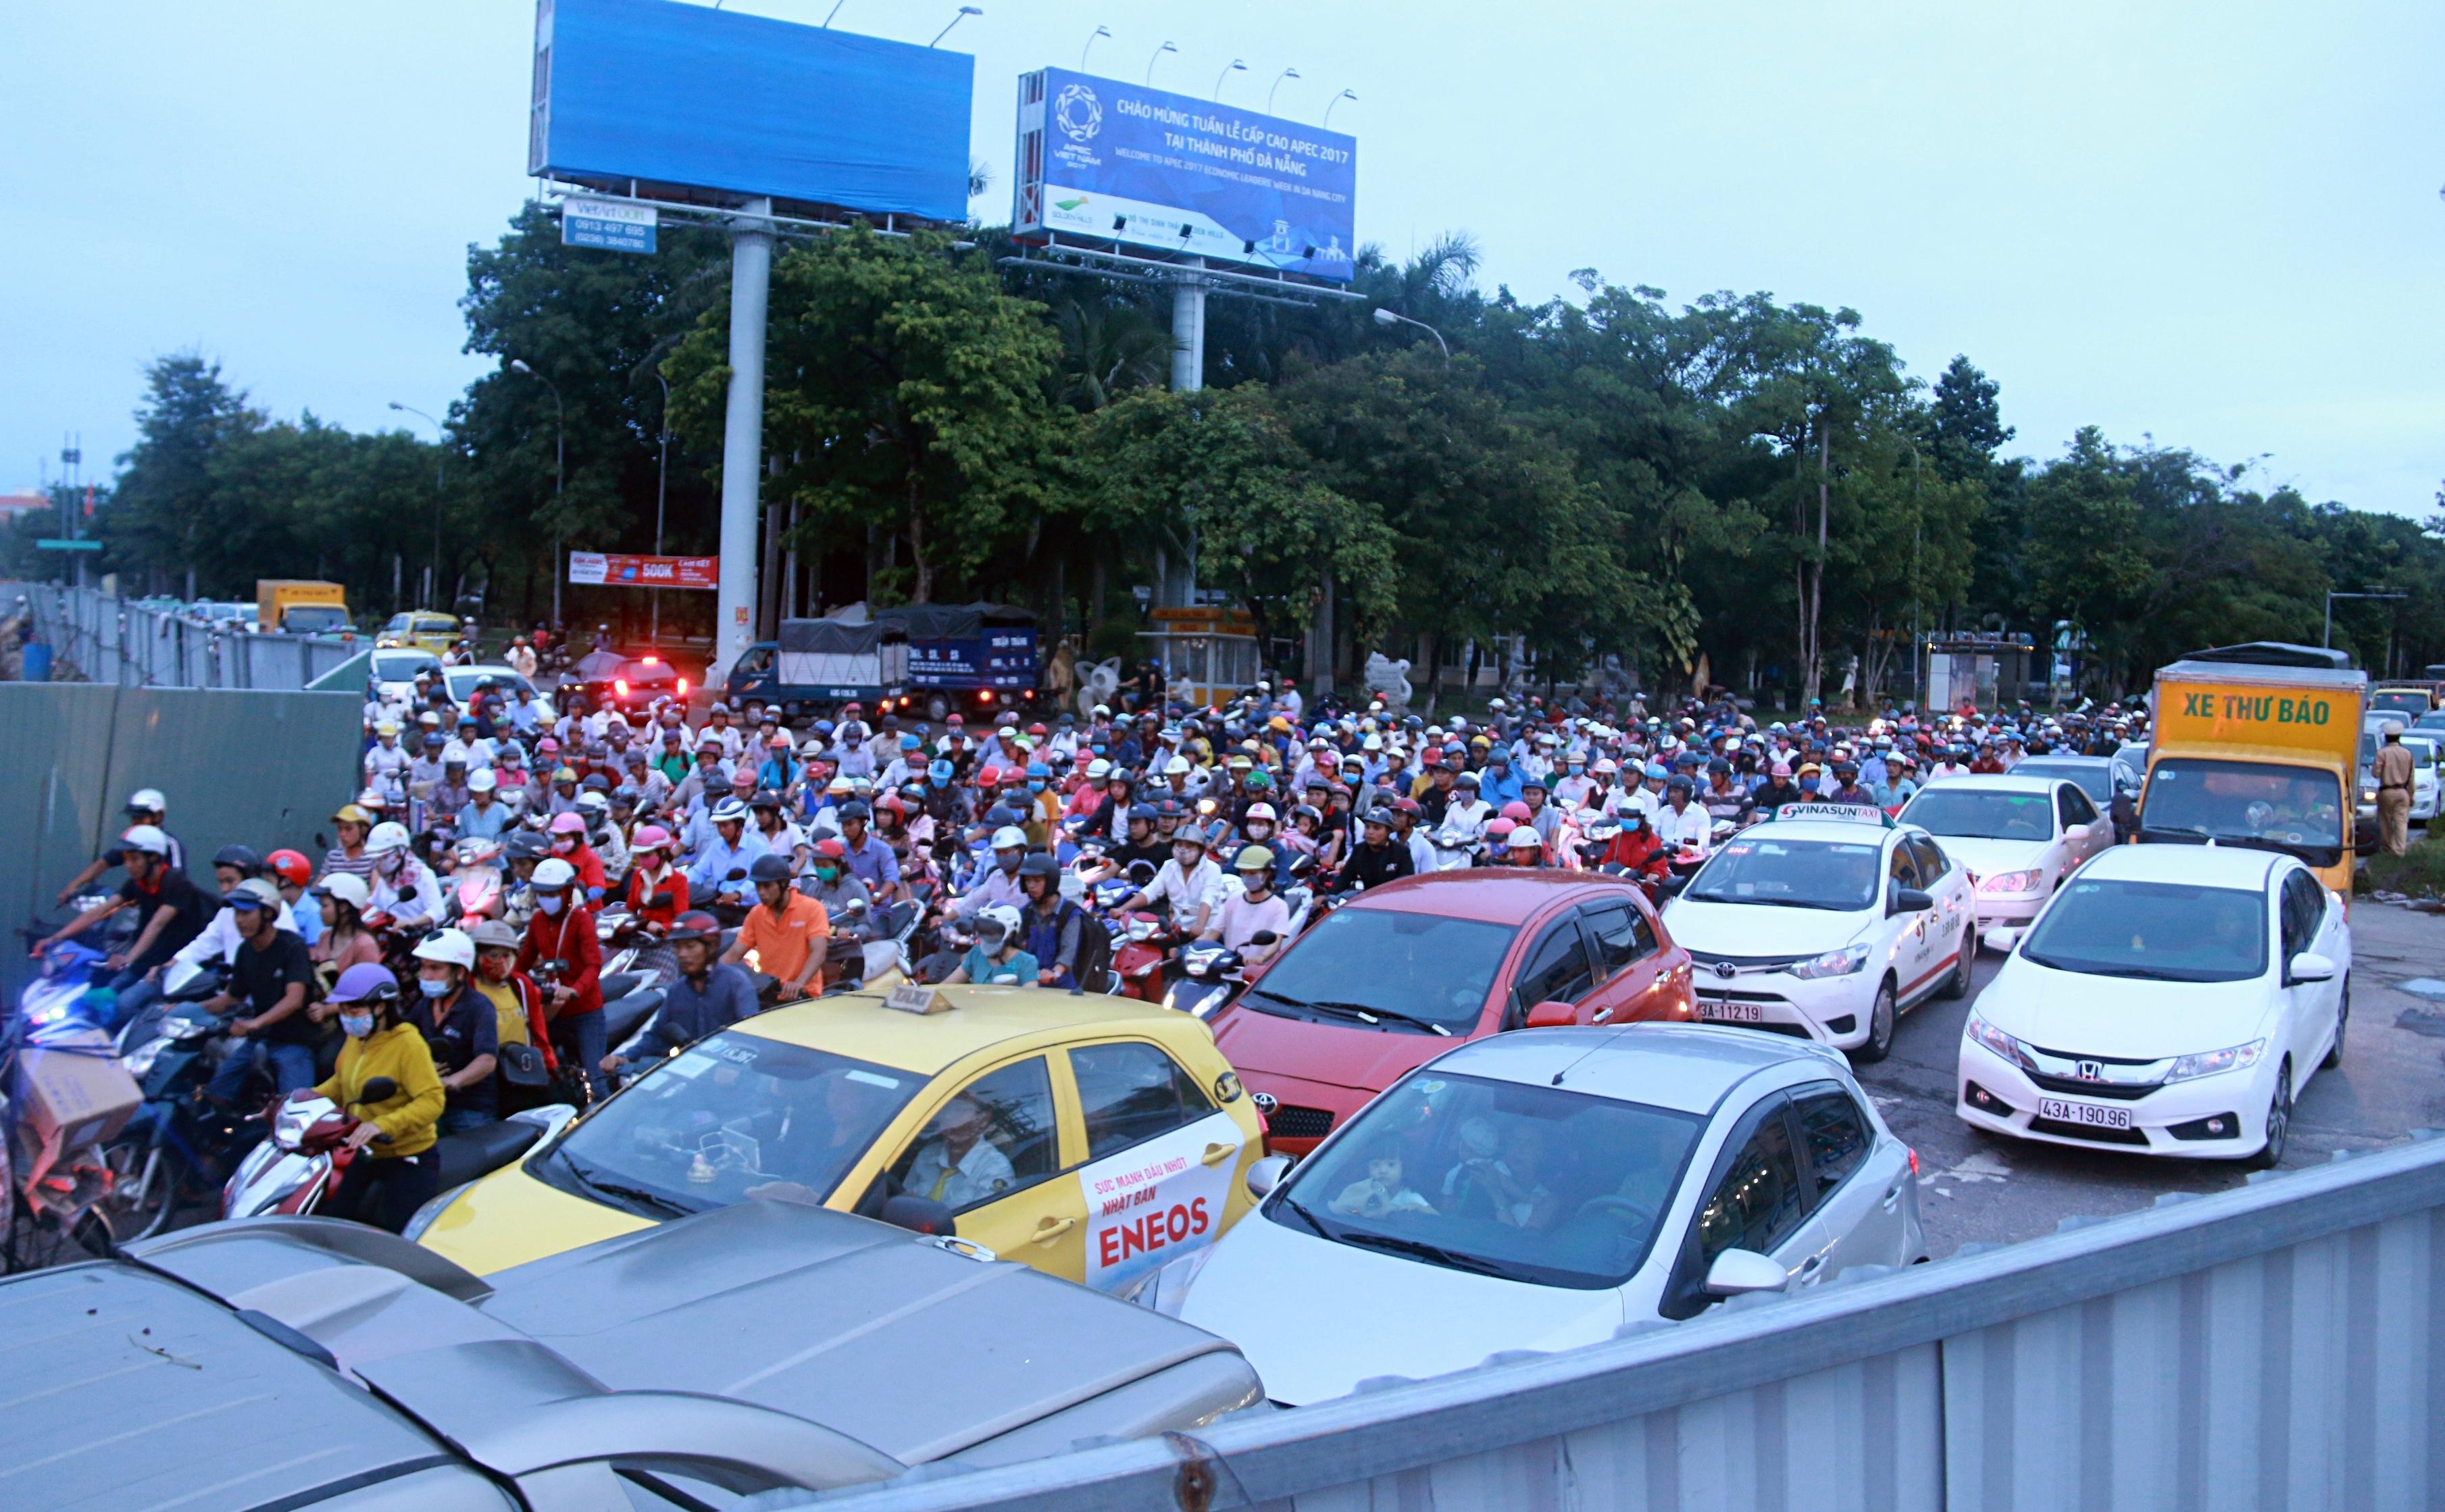 Chùm ảnh: Công trình hầm chui chậm tiến độ, người dân Đà Nẵng mệt mỏi trước cảnh hàng ngàn phương tiện ùn ứ kéo dài - Ảnh 2.